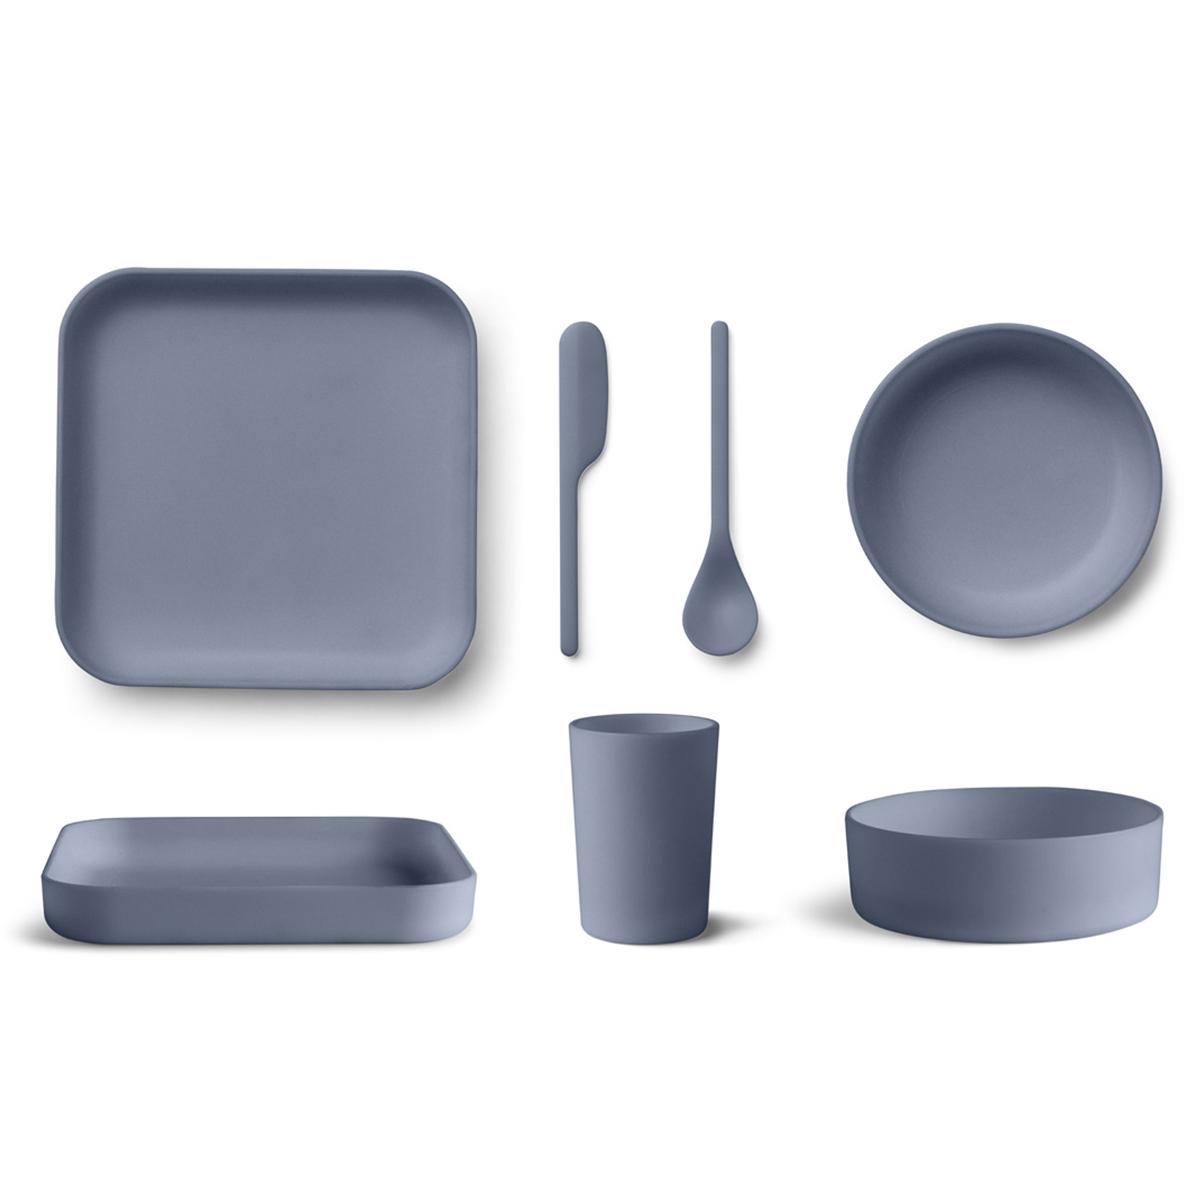 Coffret repas Coffret de Vaisselle 5 Pièces Bamboo Aiko - Blue Wave Coffret de Vaisselle 5 Pièces Bamboo Aiko - Blue Wave